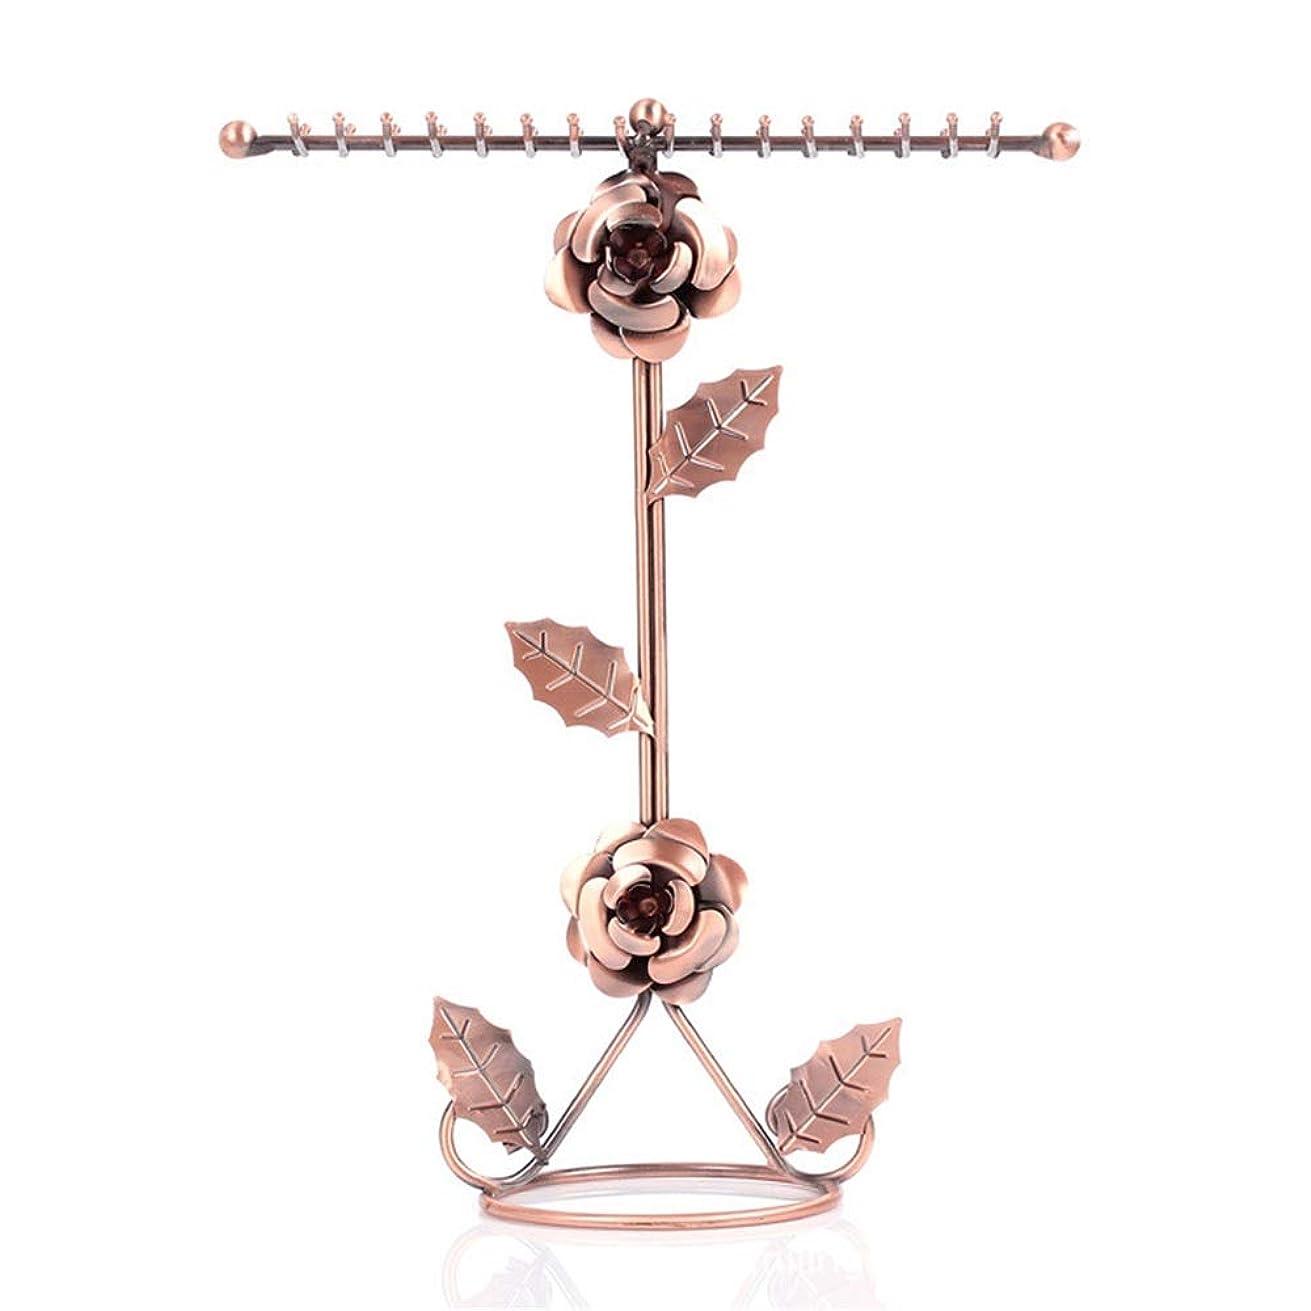 ポインタ取得惨めなジュエリーディスプレイ収納 指輪、イヤリング、ブレスレット、時計および付属品のための宝石類のホールダーの花の宝石類の装飾の棚のネックレスのホールダー 小物ホルダー (色 : ブロンズ, サイズ : 31x25cm)